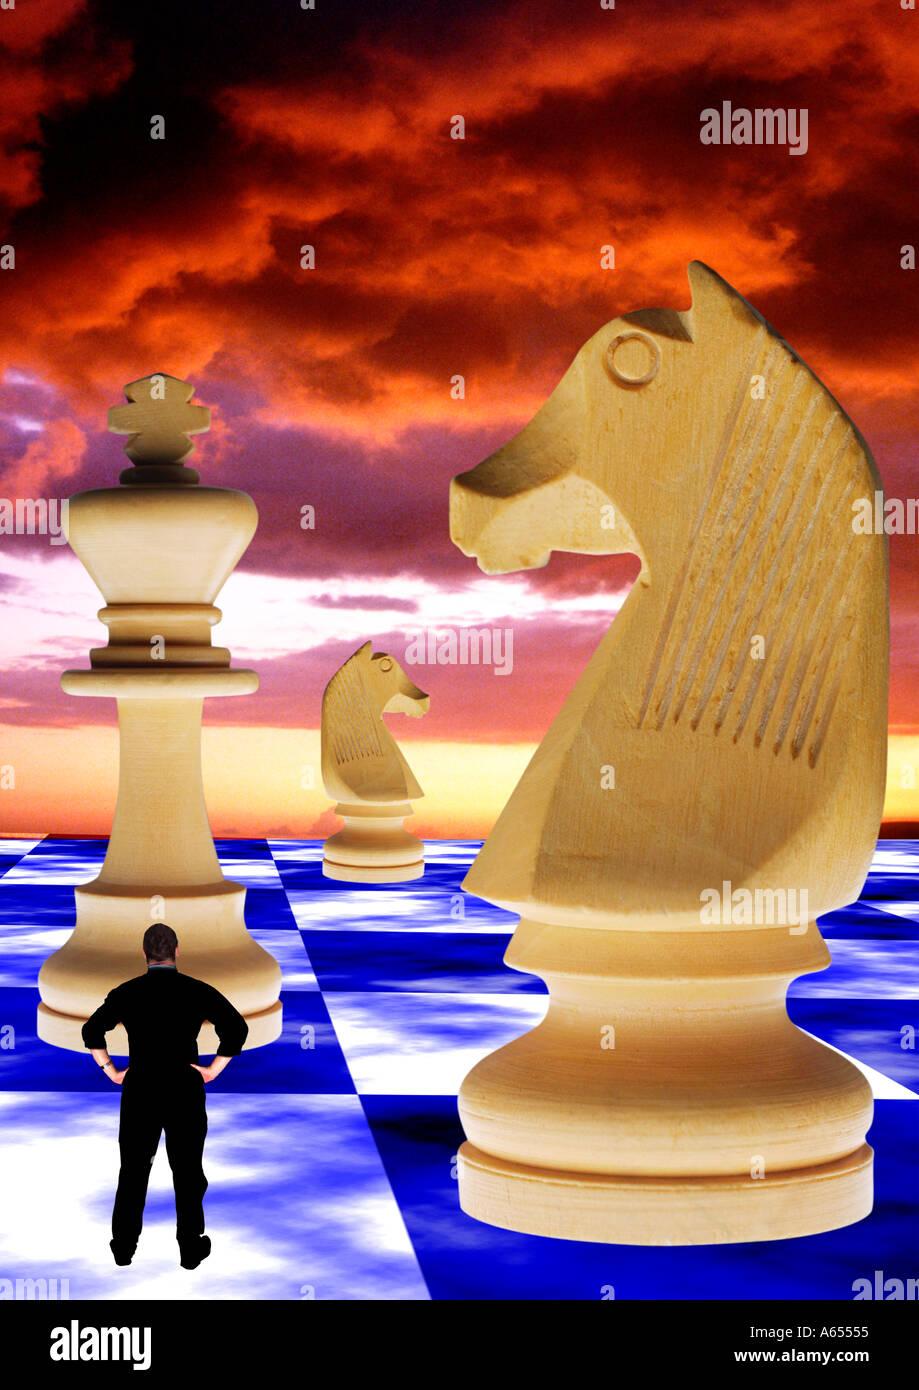 Giant Chess Game abstrakte Konzept Spezialeffekte Stockbild